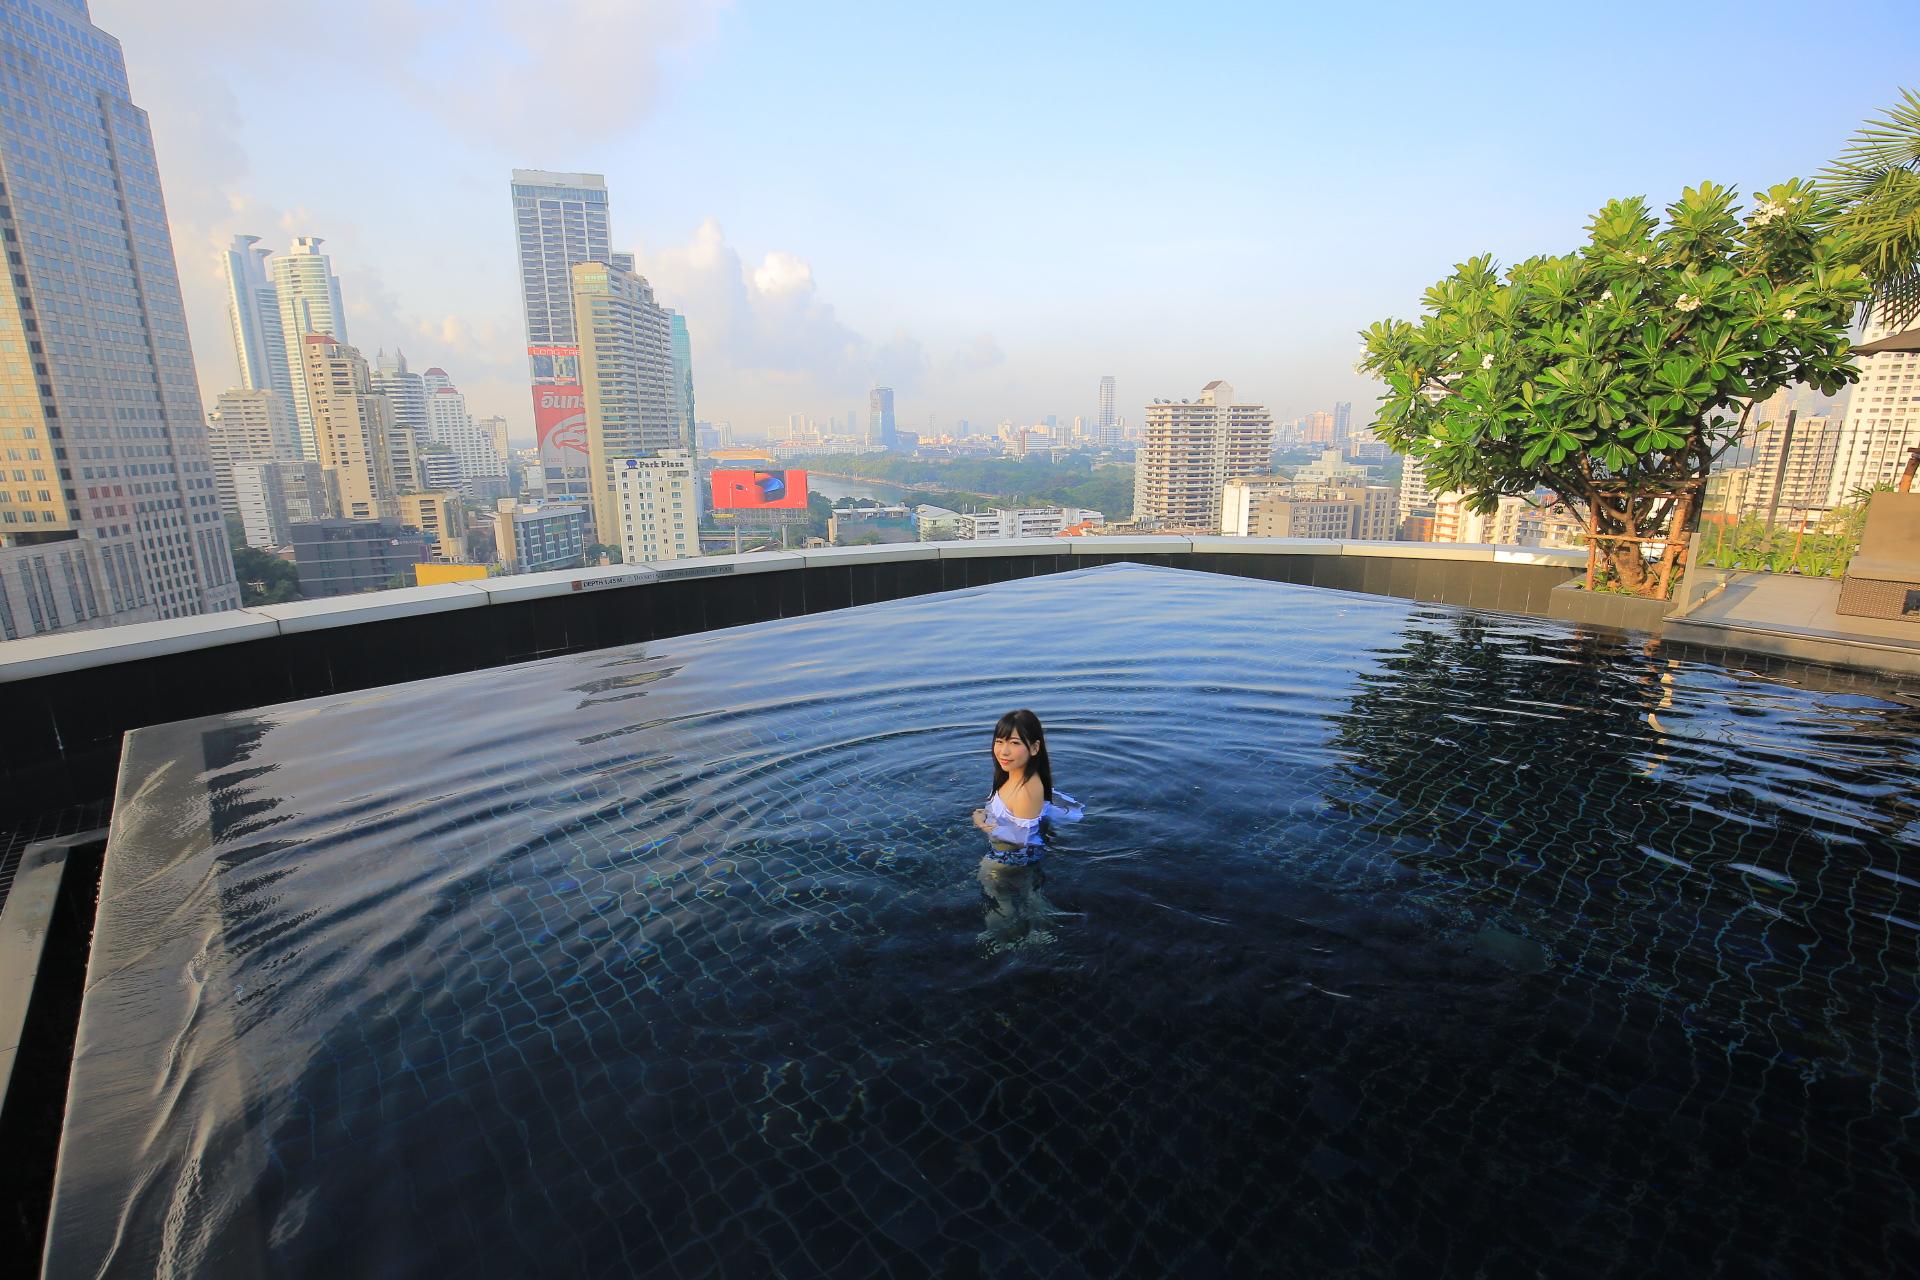 曼谷中心點飯店-曼谷bts住宿推薦-Asok站Terminal 21-無邊際泳池 @小環妞 幸福足跡